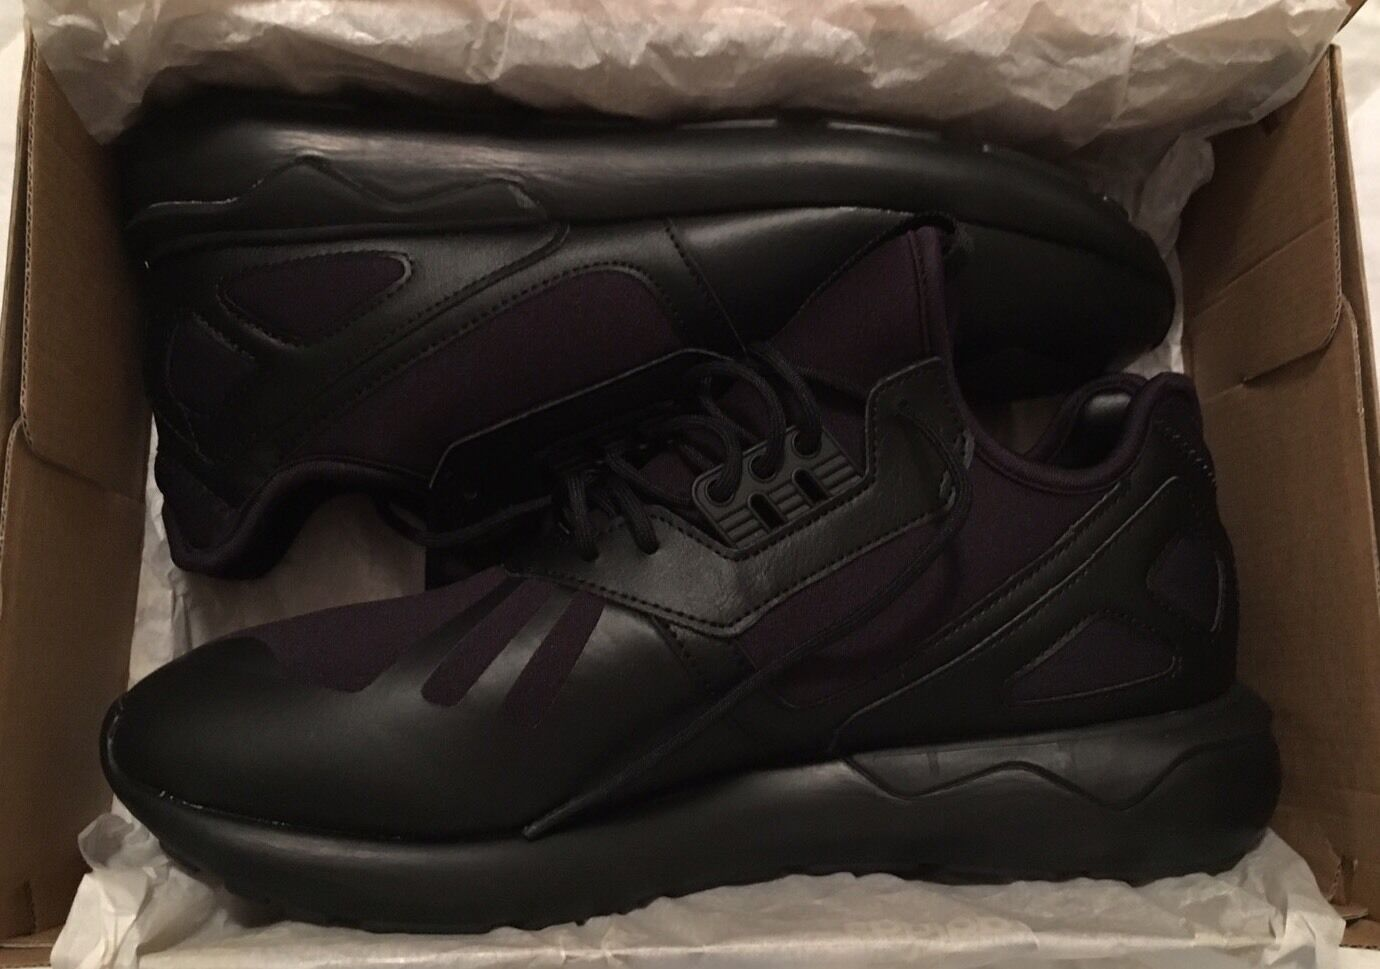 Adidas Black Tubular Runner Black Adidas size 10 Nice Rare! db16f0